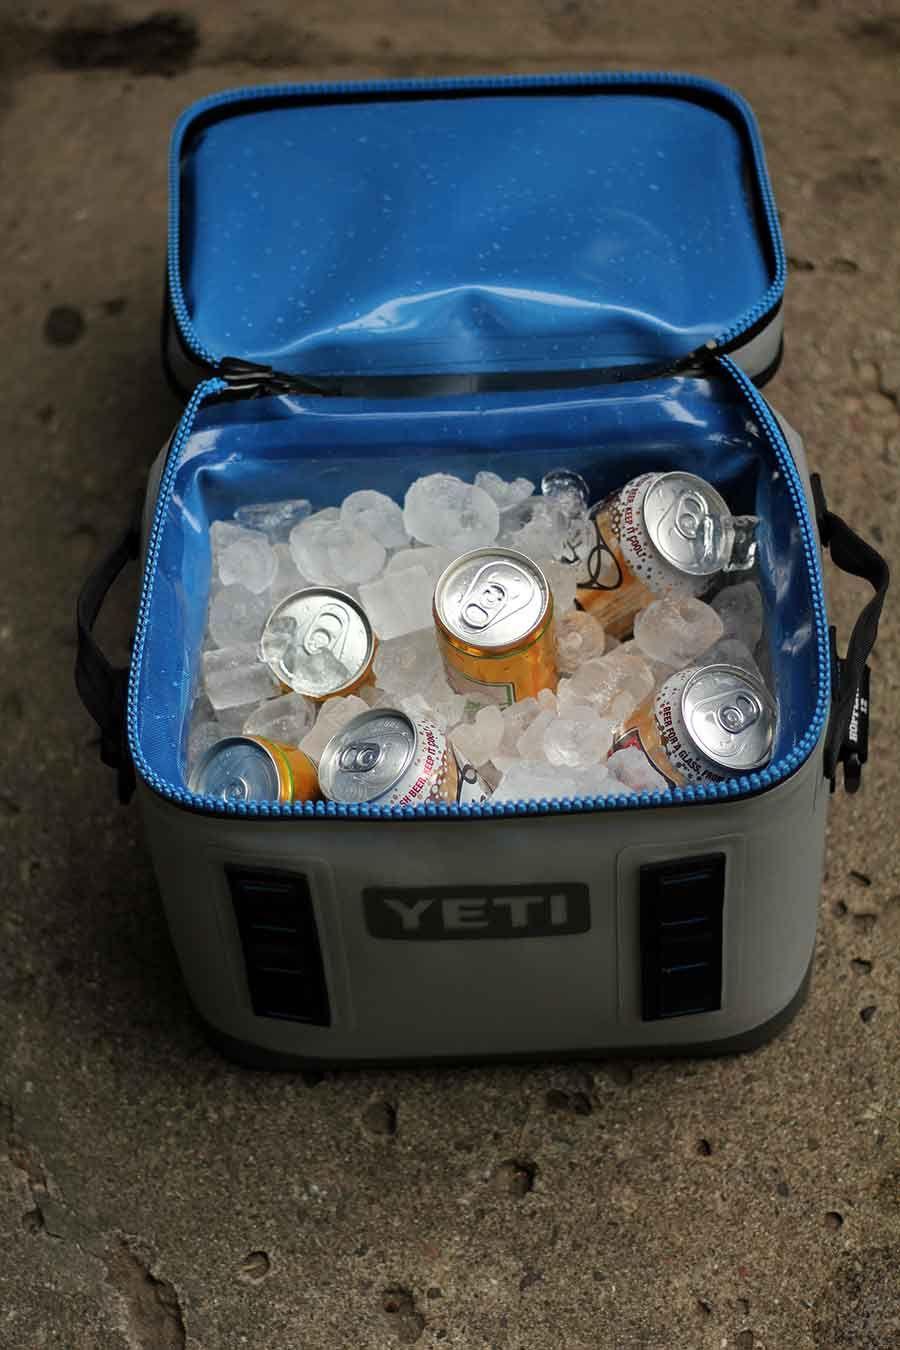 1f690d6f425ca4 First Look  YETI  Hopper Flip  Soft Cooler Review